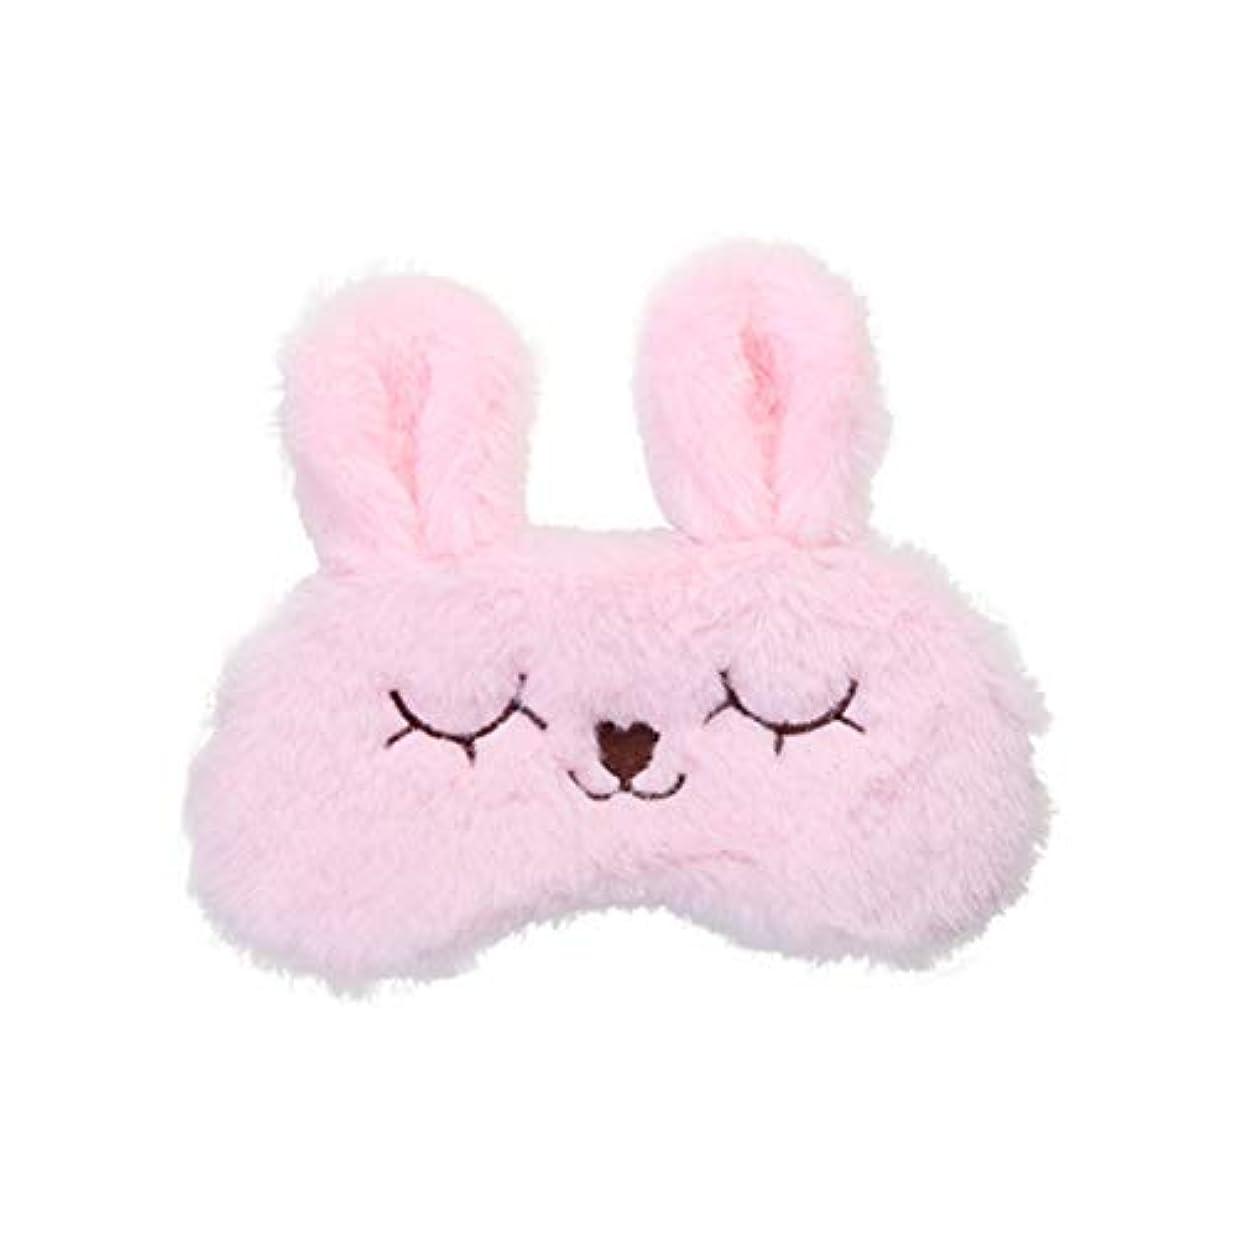 大声でマイルド先のことを考えるHEALIFTY 睡眠マスクウサギぬいぐるみ目隠しコールドホットコンプレッションスリープアイマスクカバーかわいいアイシェイド(ピンク)